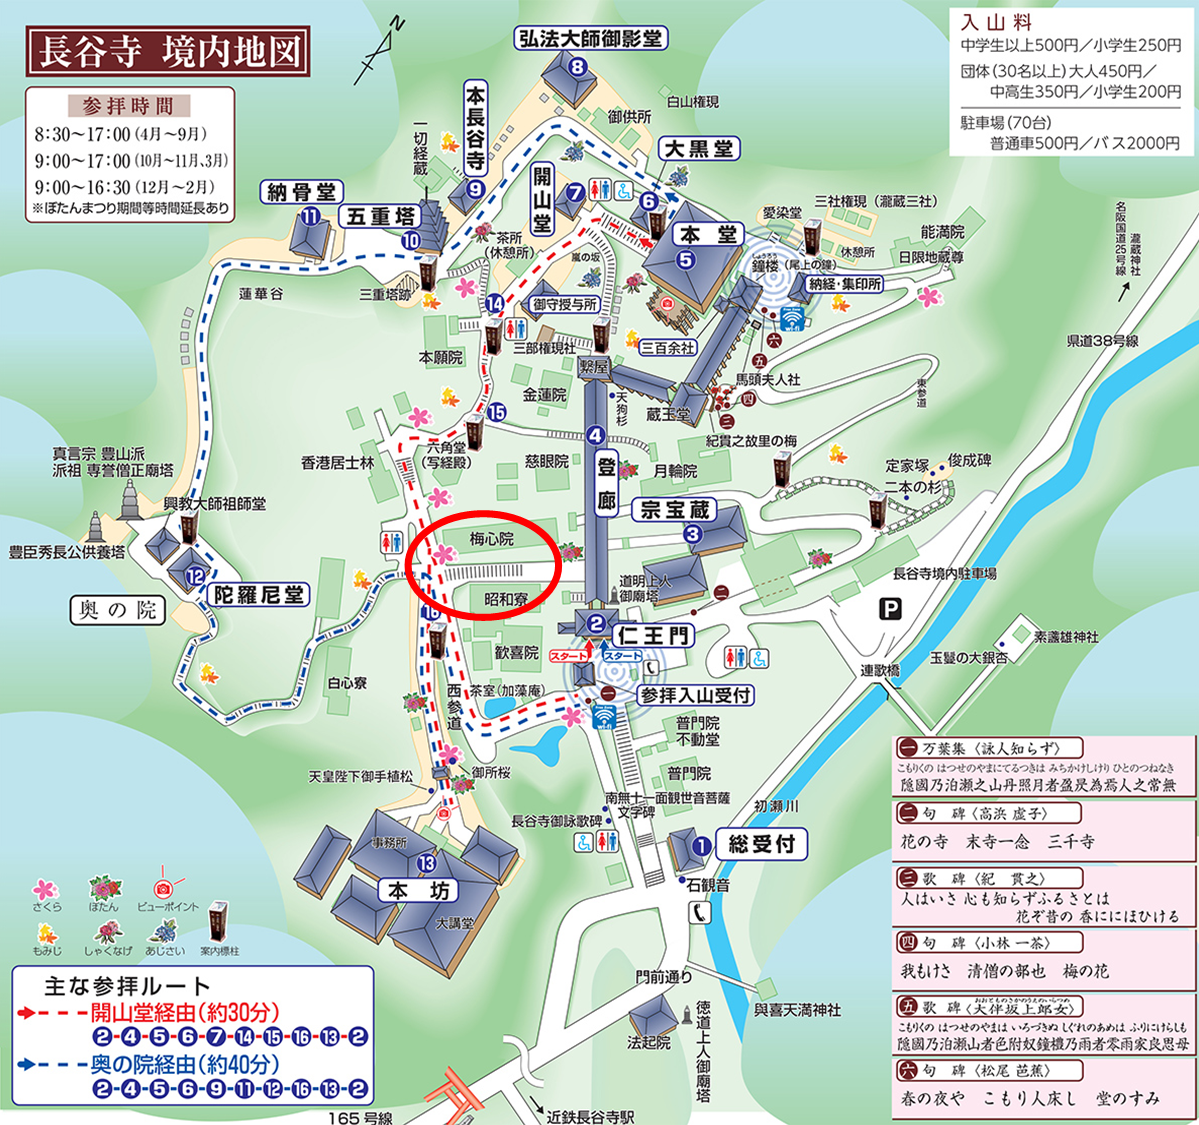 f:id:shokichi48:20210321200913p:plain